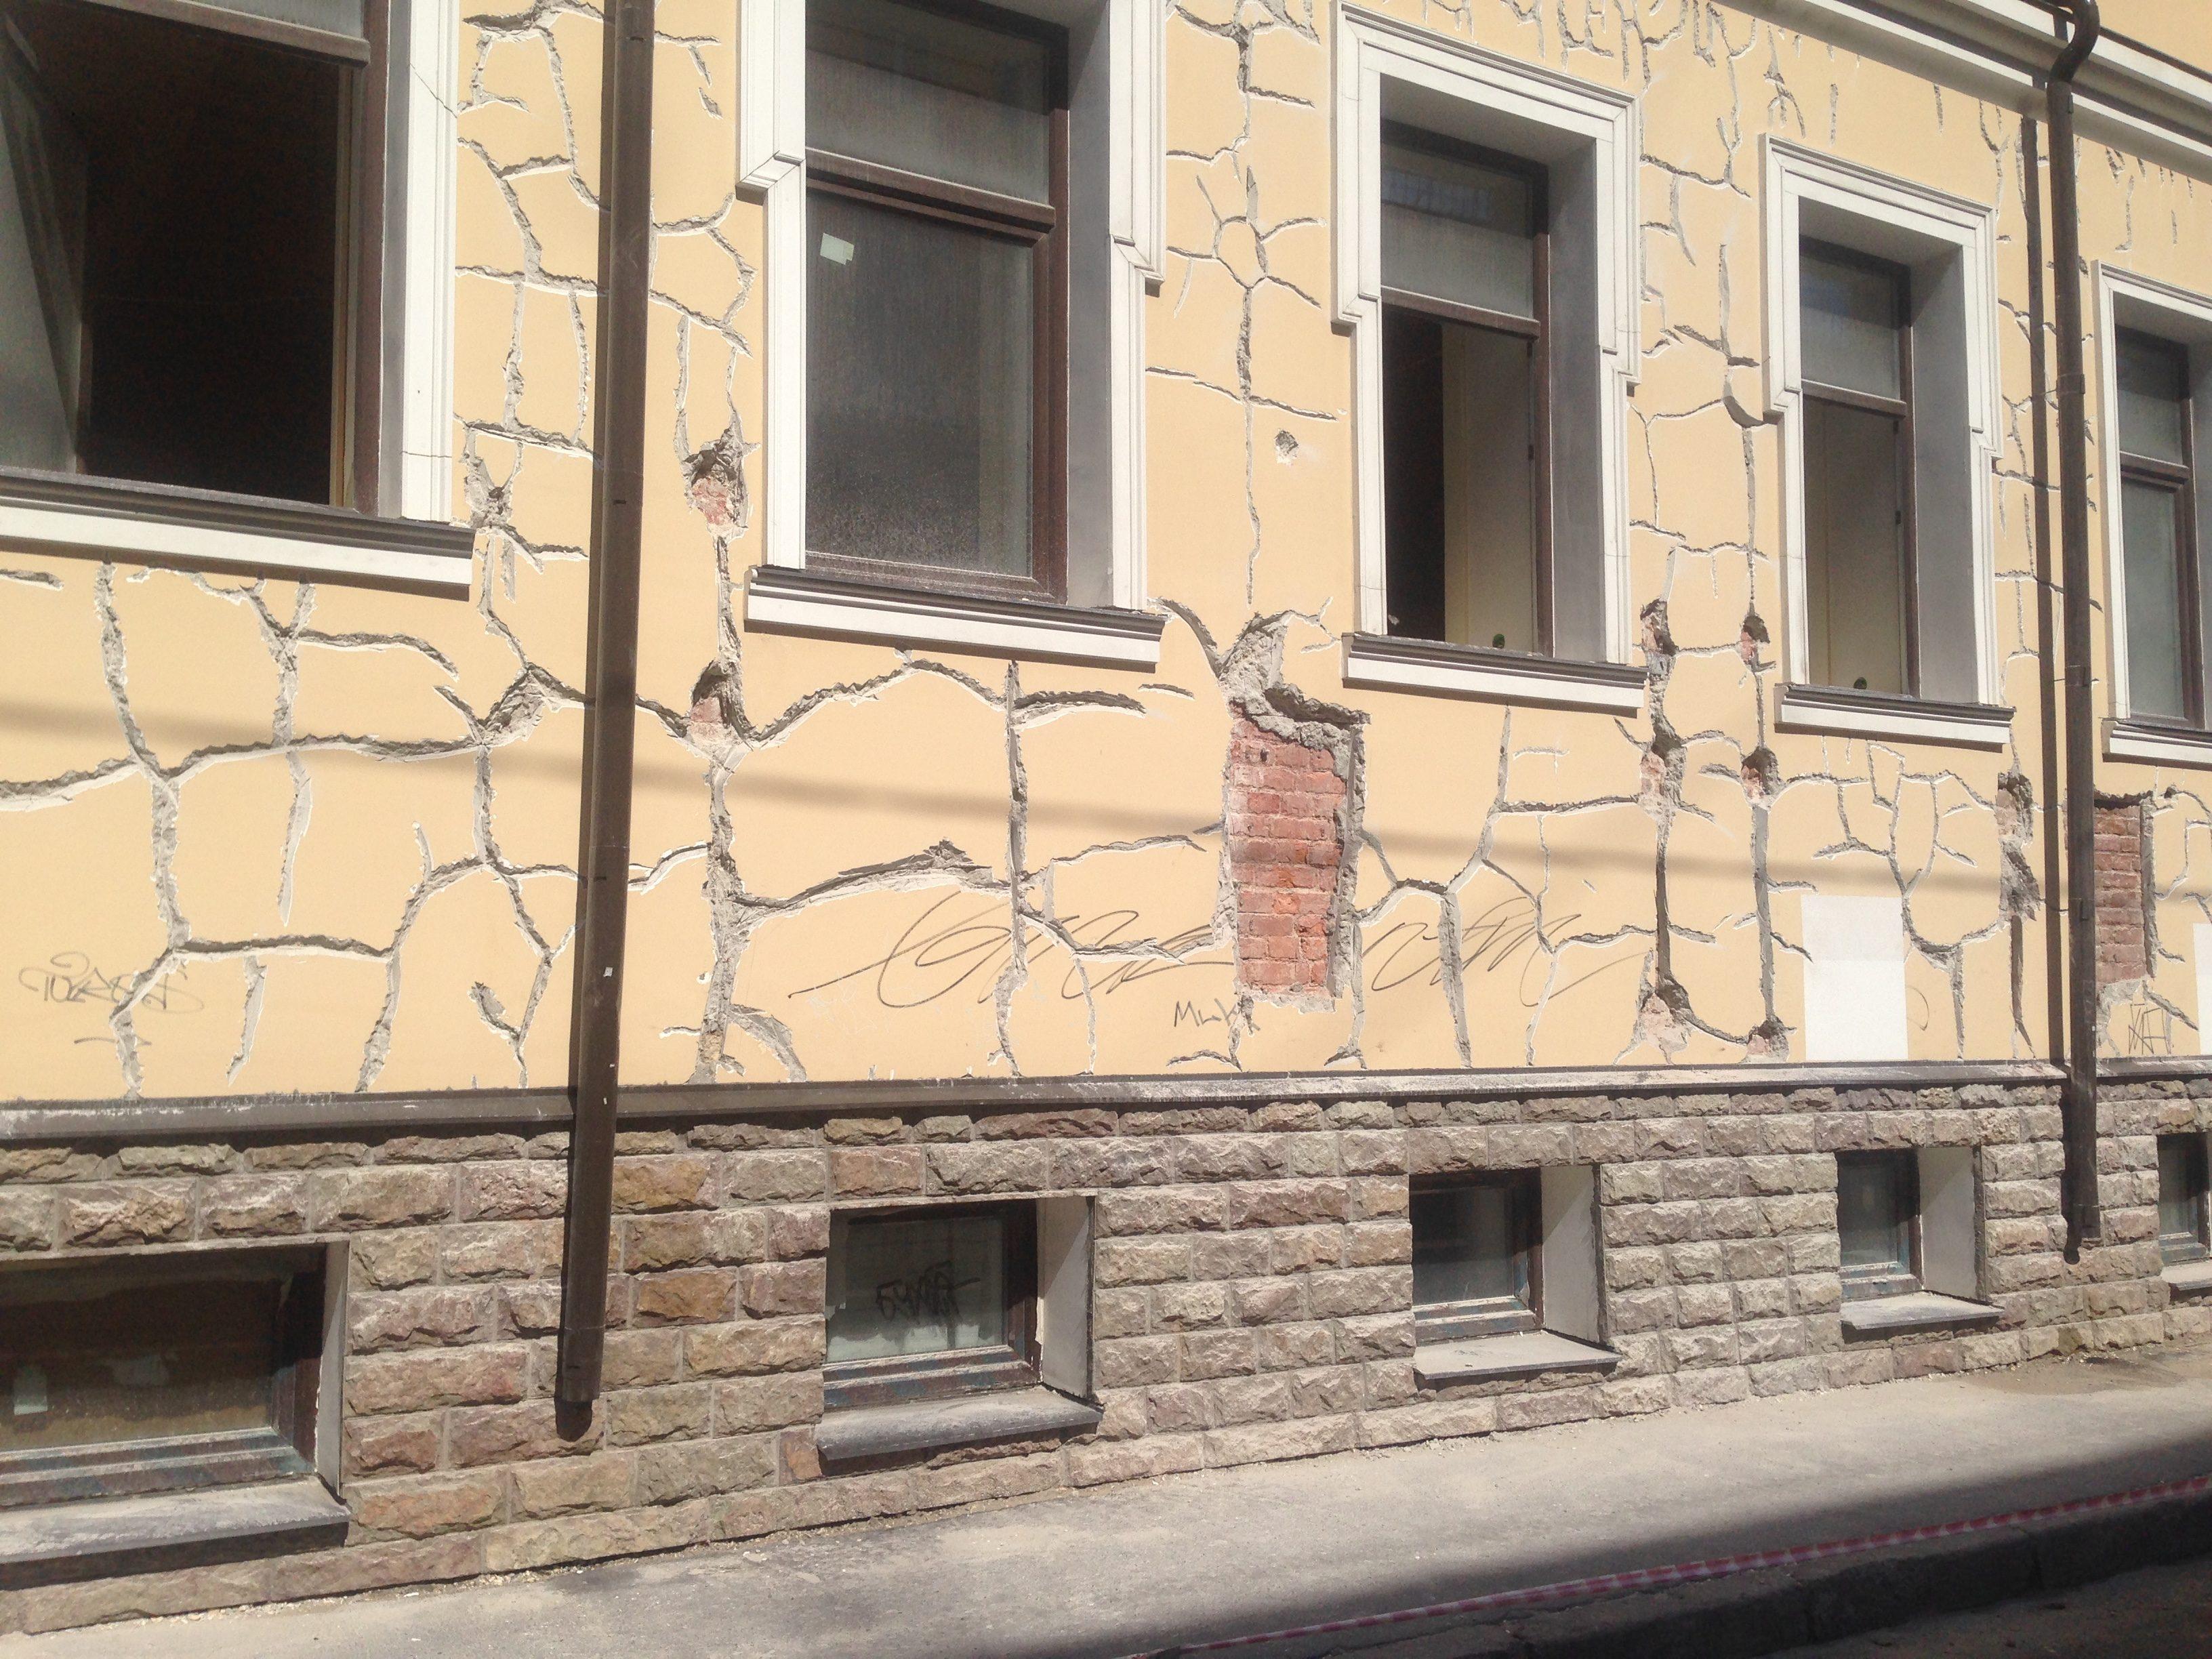 фото промерзания фасада убеждена, что канадский